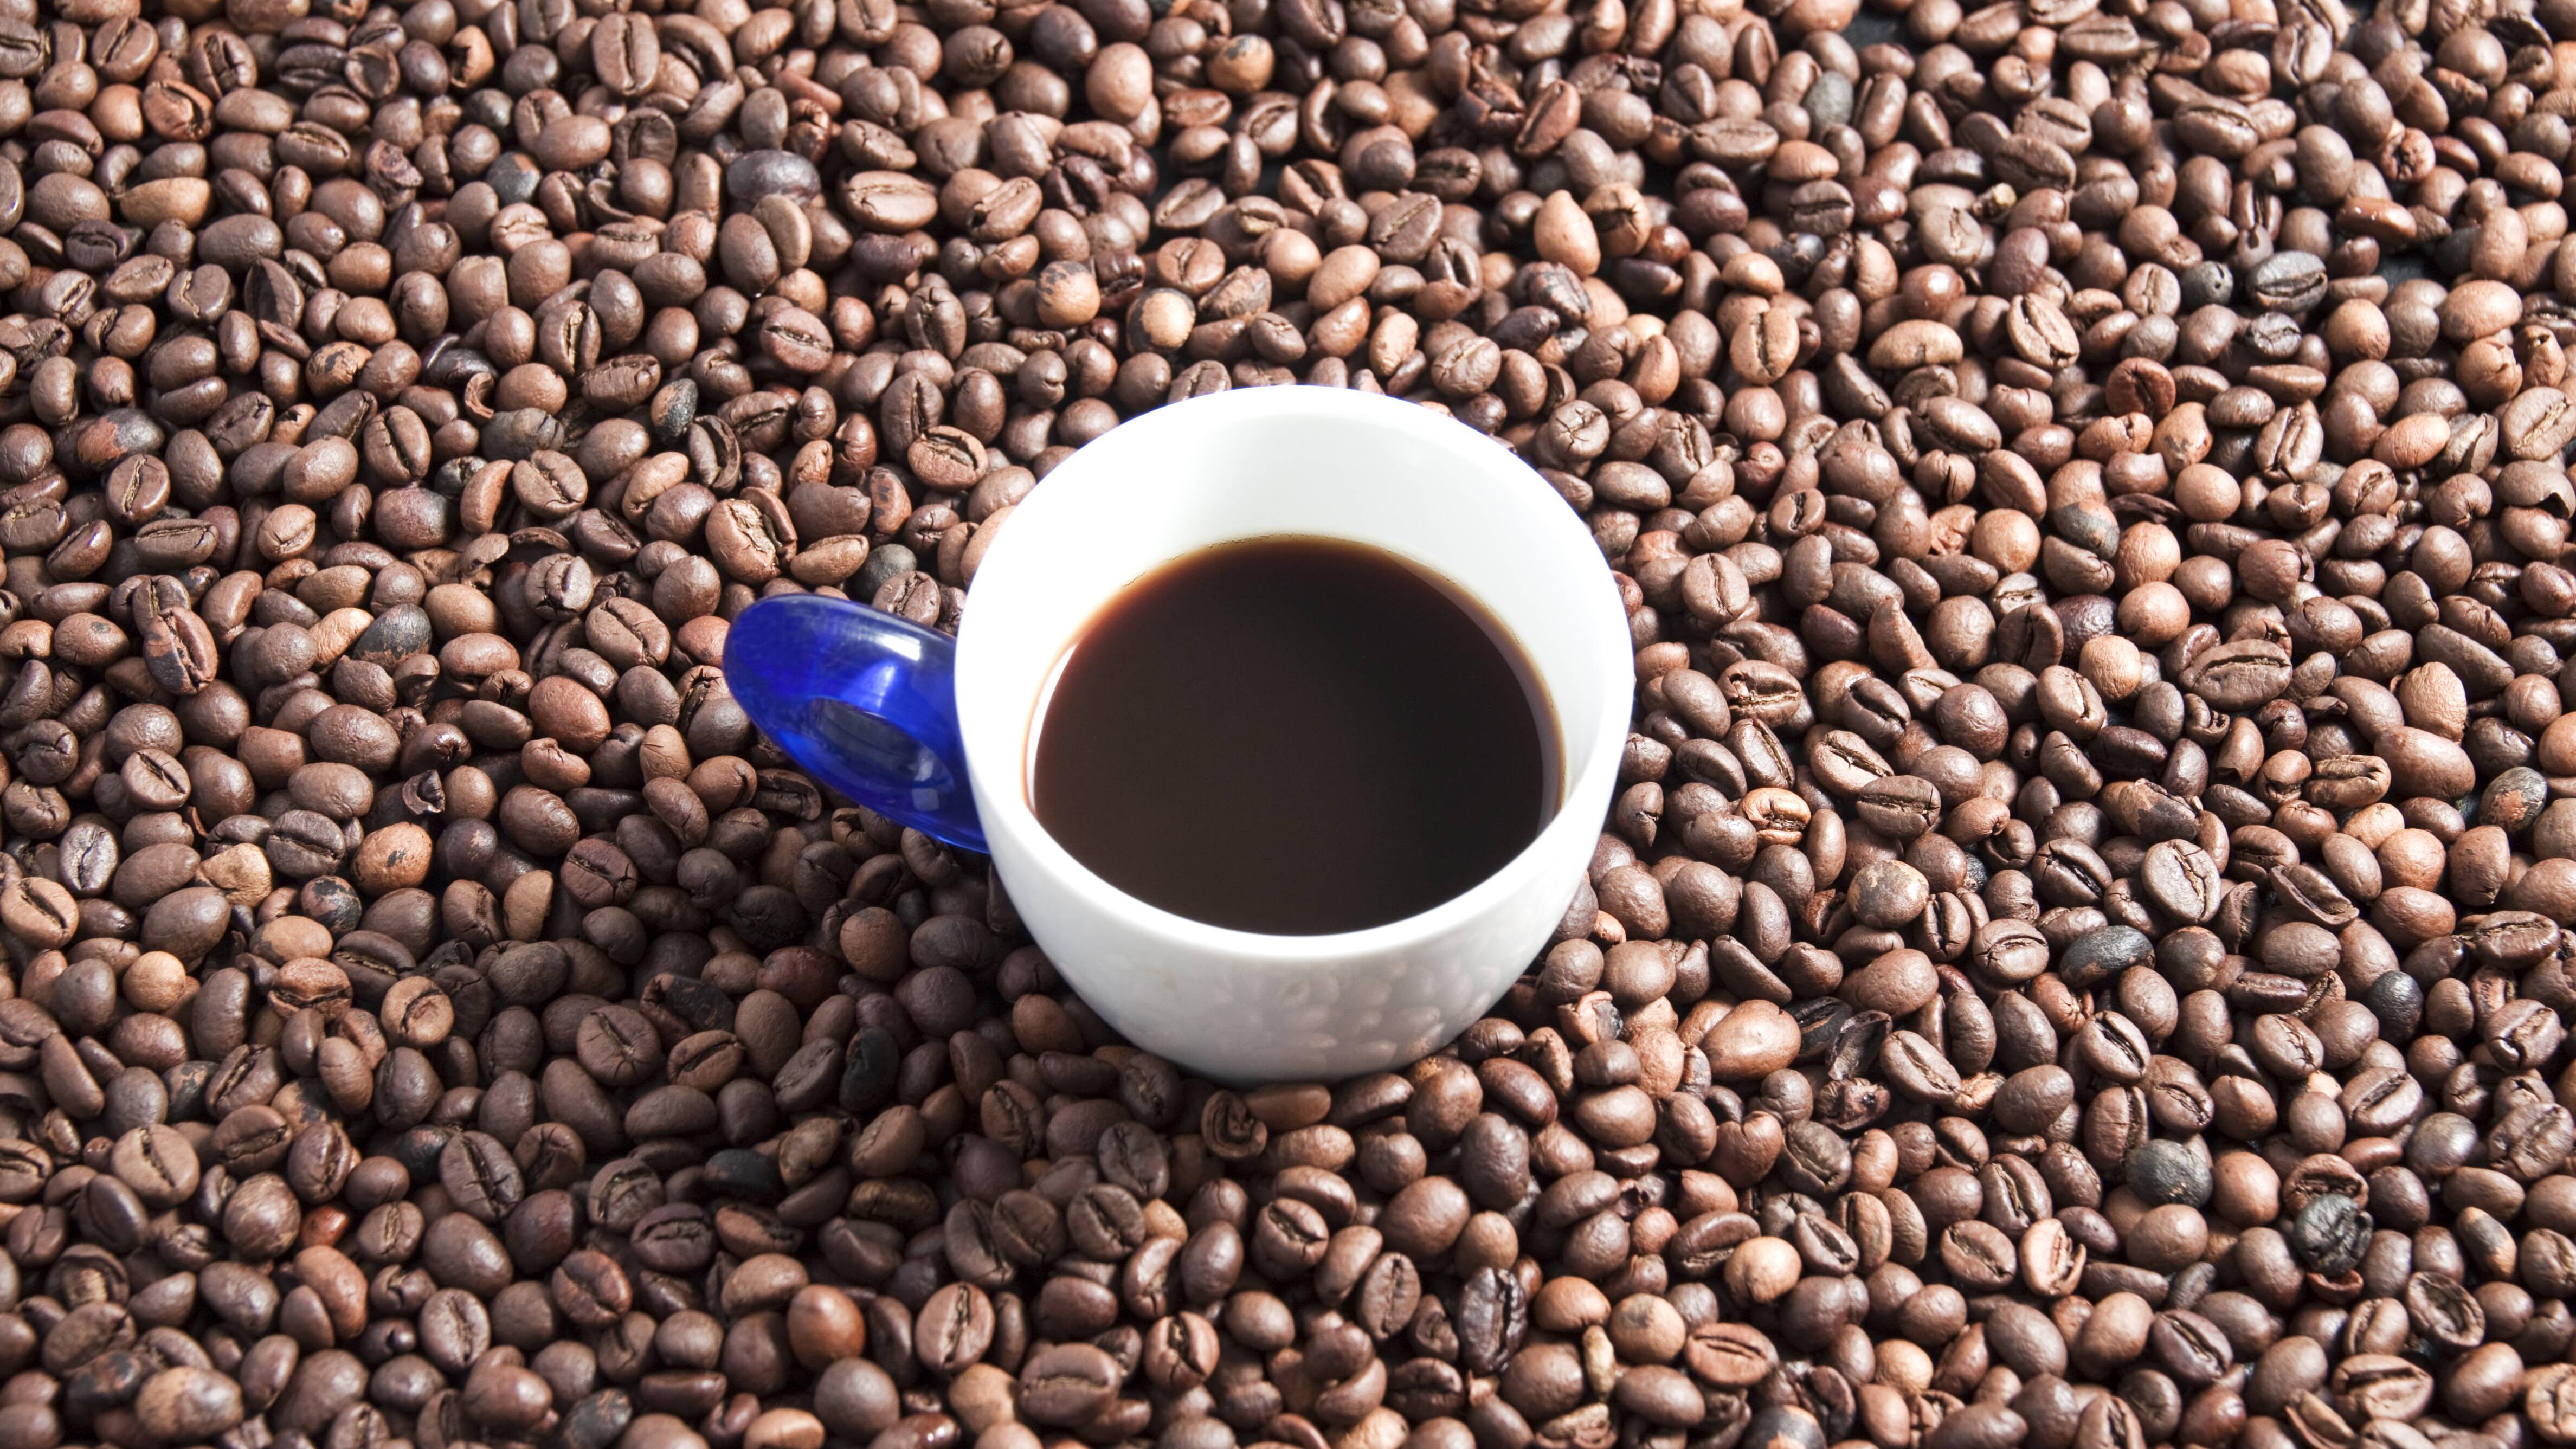 Entkoffeinierter Kaffee kann sich positiv auf Ihre Gesundheit auswirken.